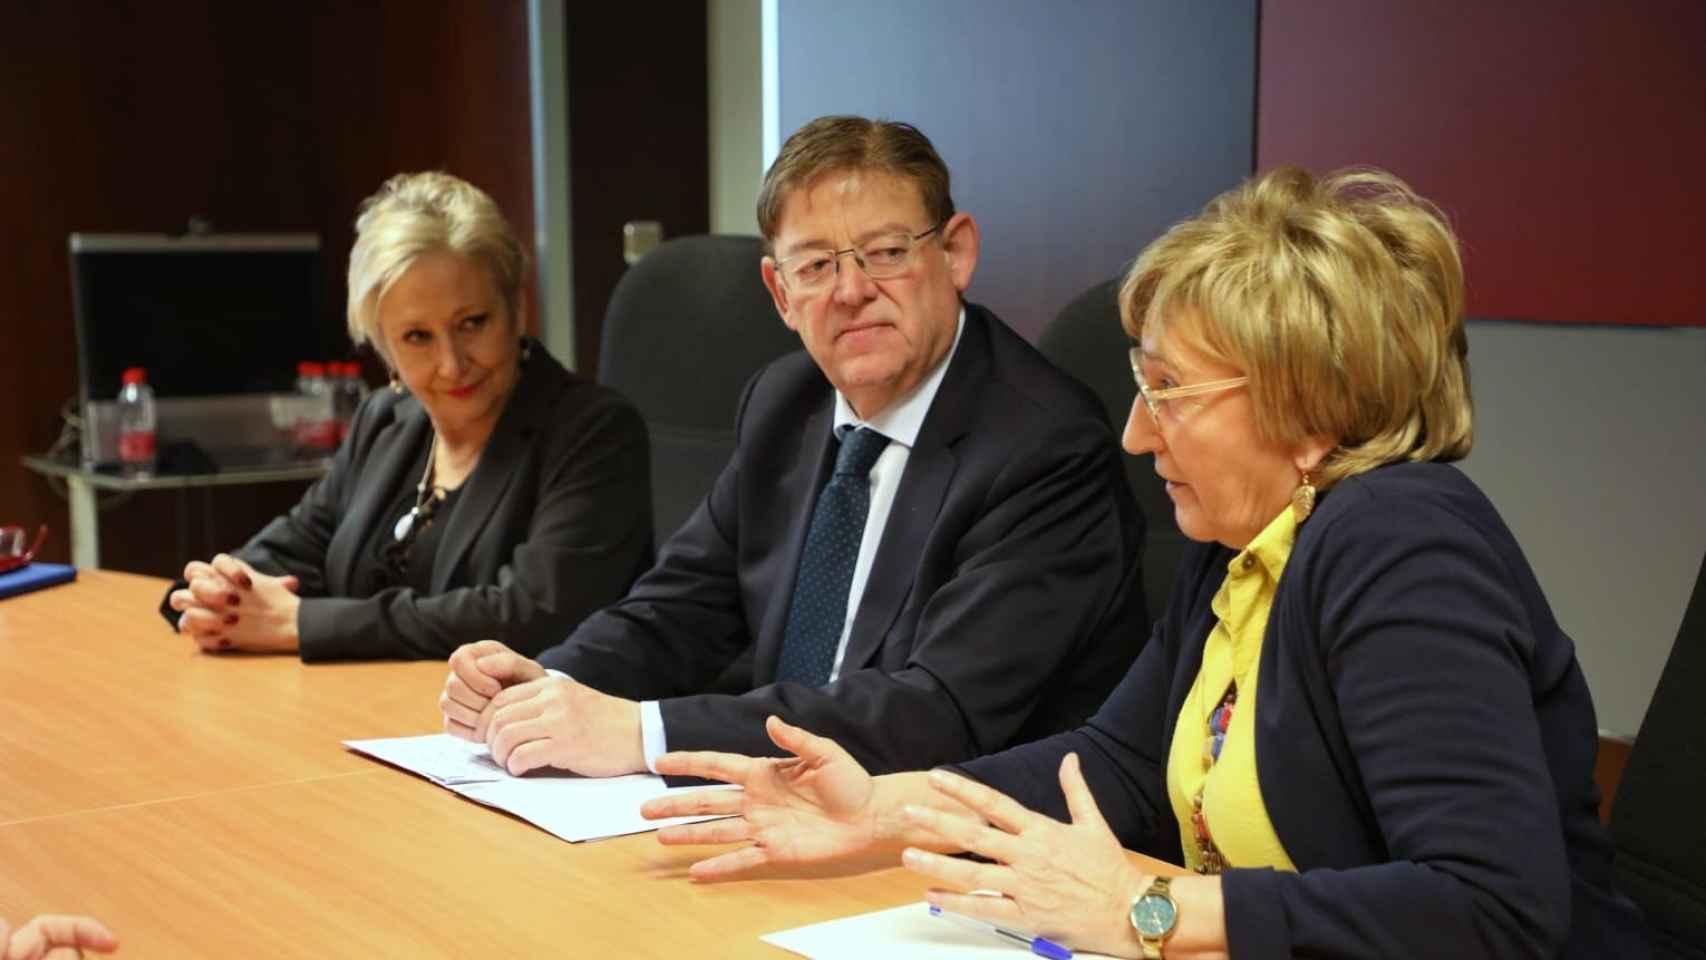 Visita de Puig y Barceló al Centro de Información y Coordinación de Urgencias (CICU) en marzo.